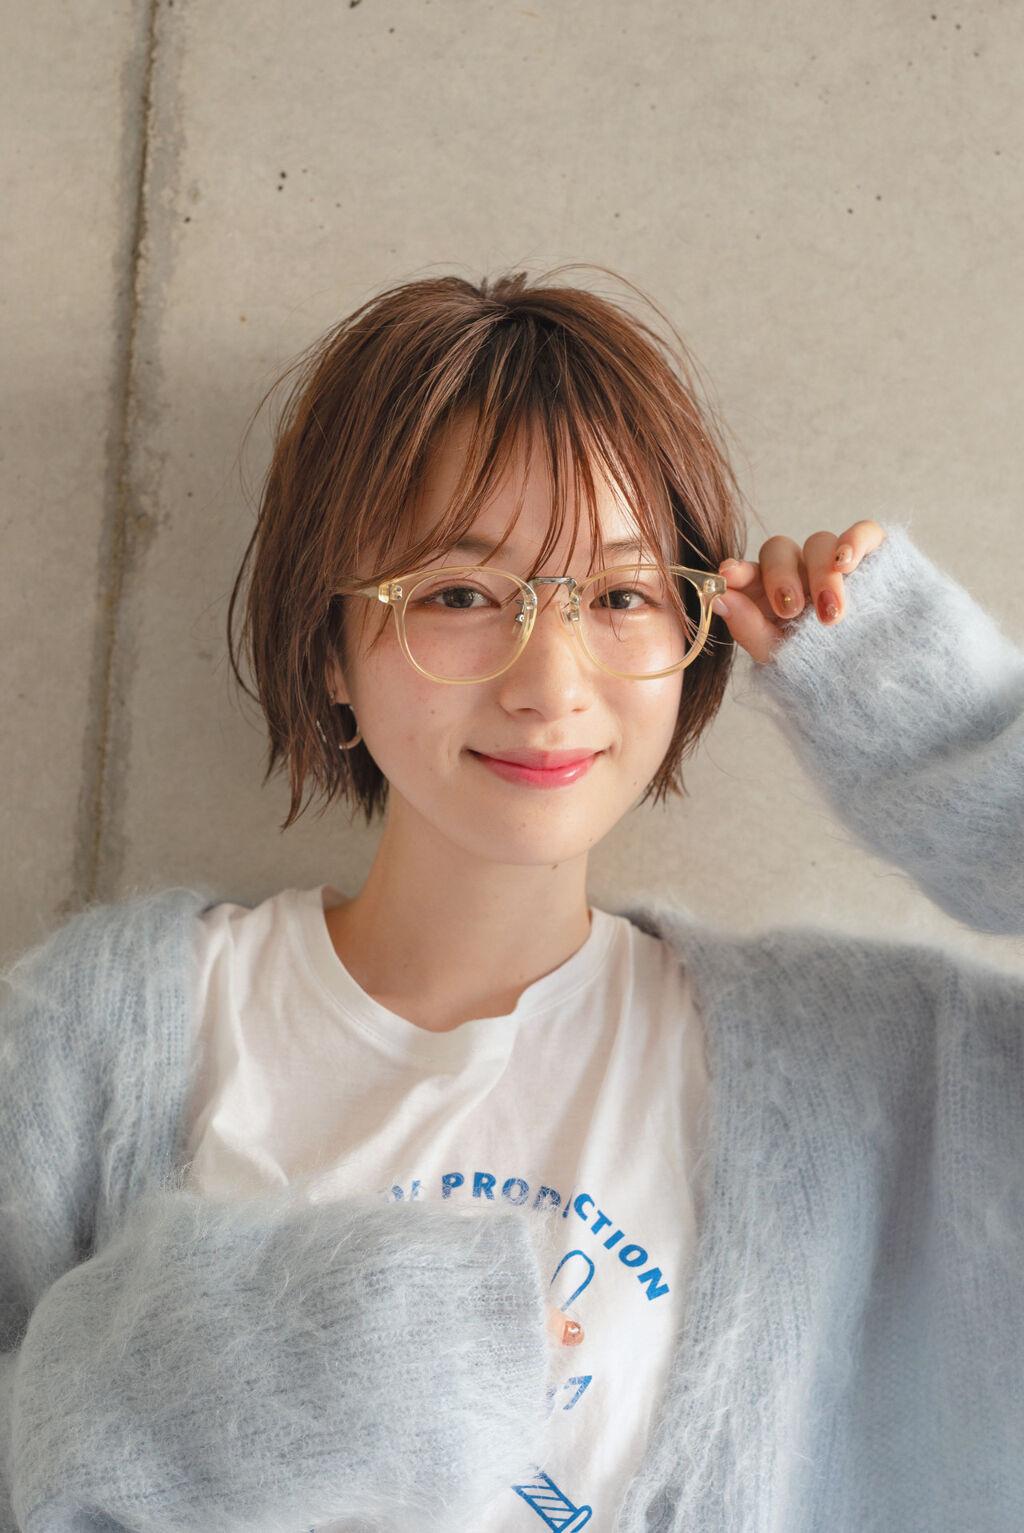 「【2020年最新版】韓国クッションファンデーション徹底比較!ツヤ肌を叶えるおすすめ12選」の画像(#141334)